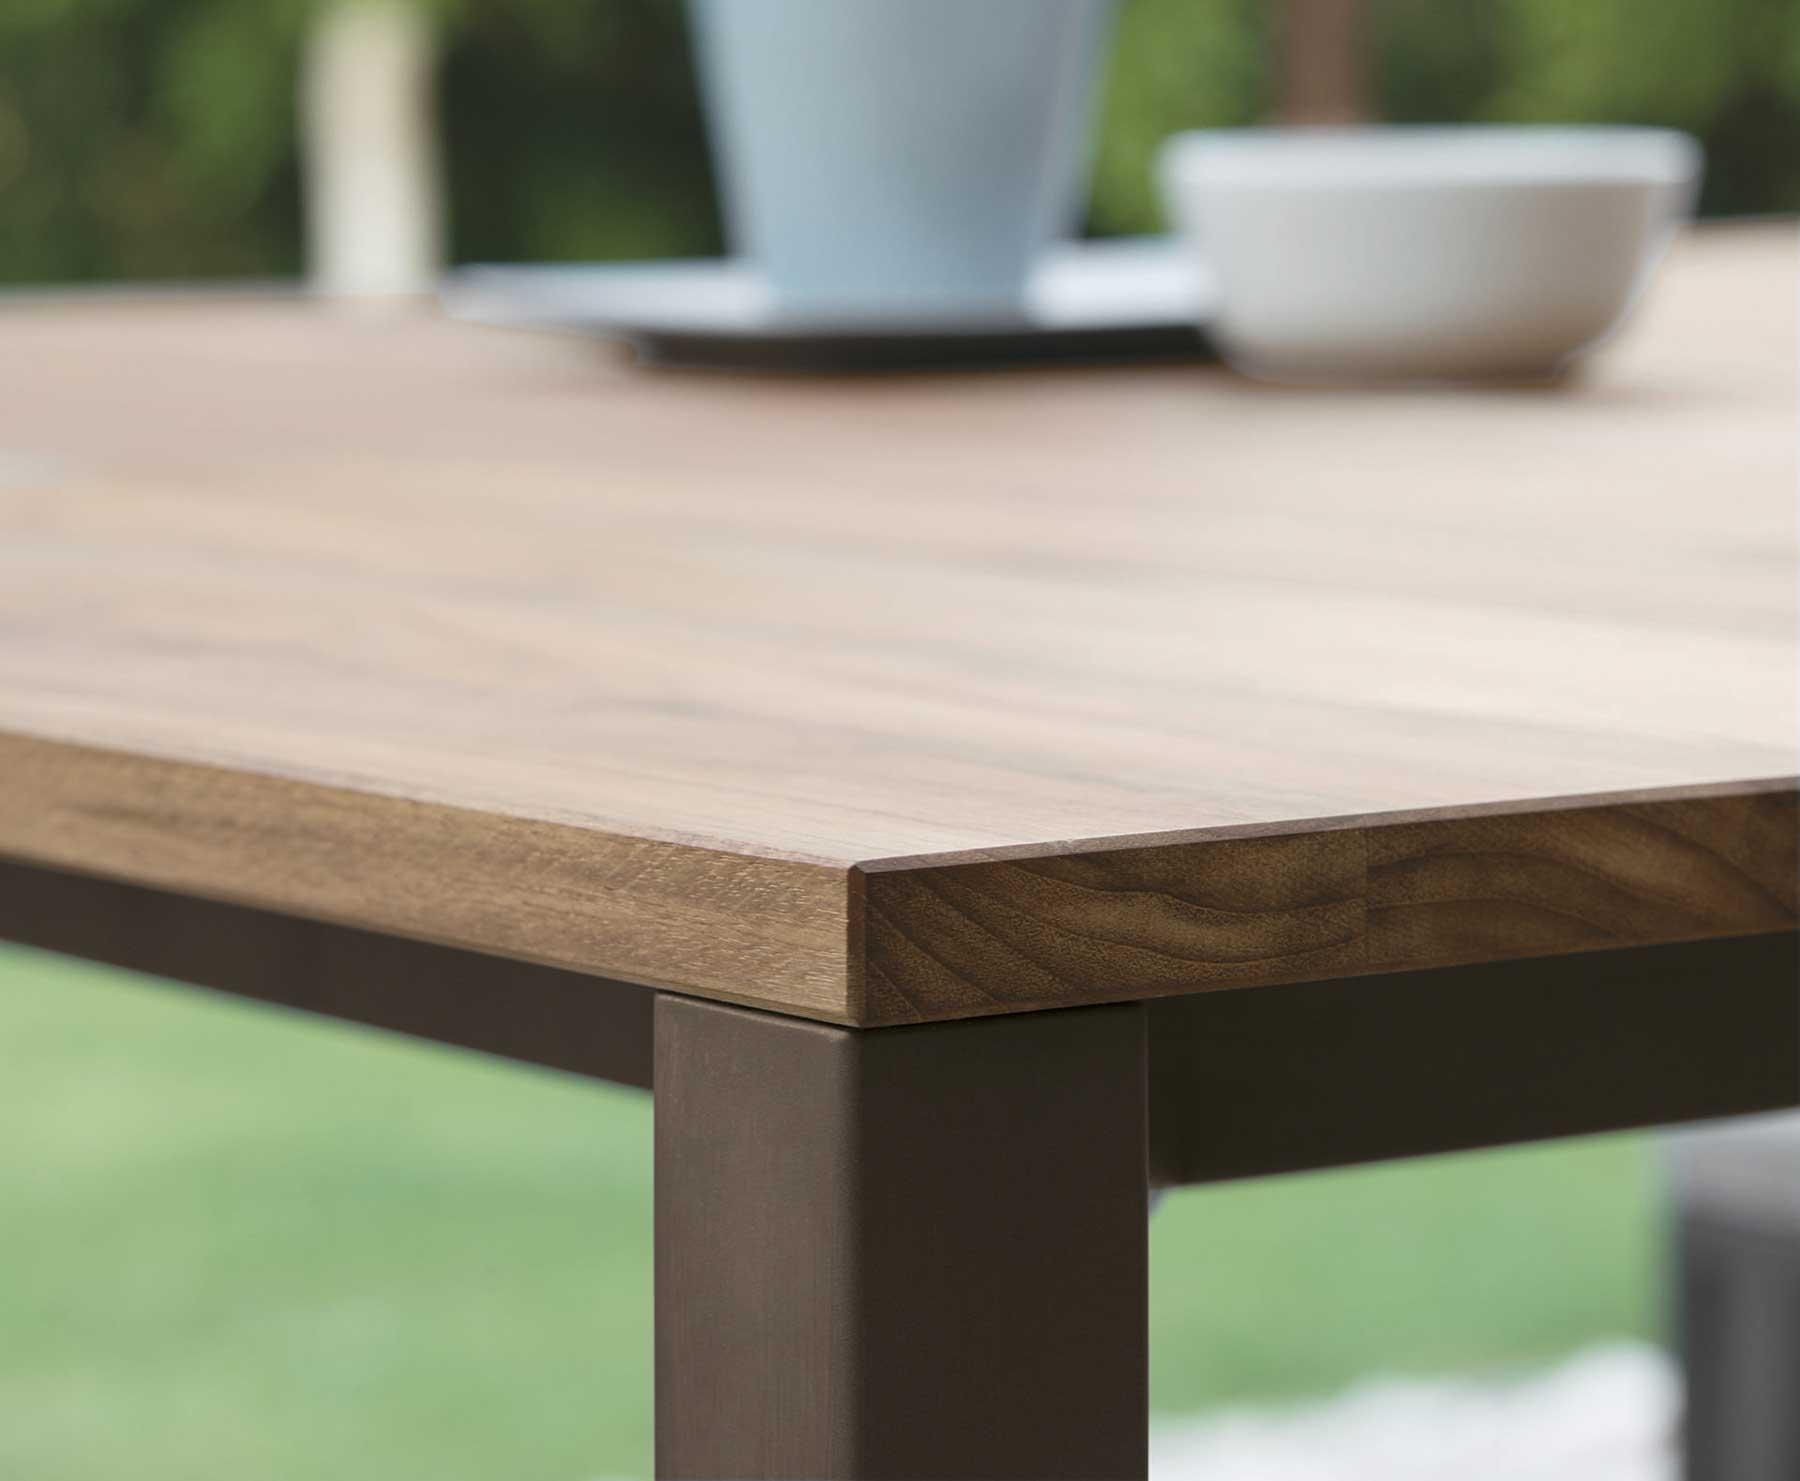 travertine patio table Modern Patio amp Outdoor : SantaFe tavolo testa di moro dettaglio from patiodesign.susumeviton.com size 1800 x 1481 jpeg 61kB